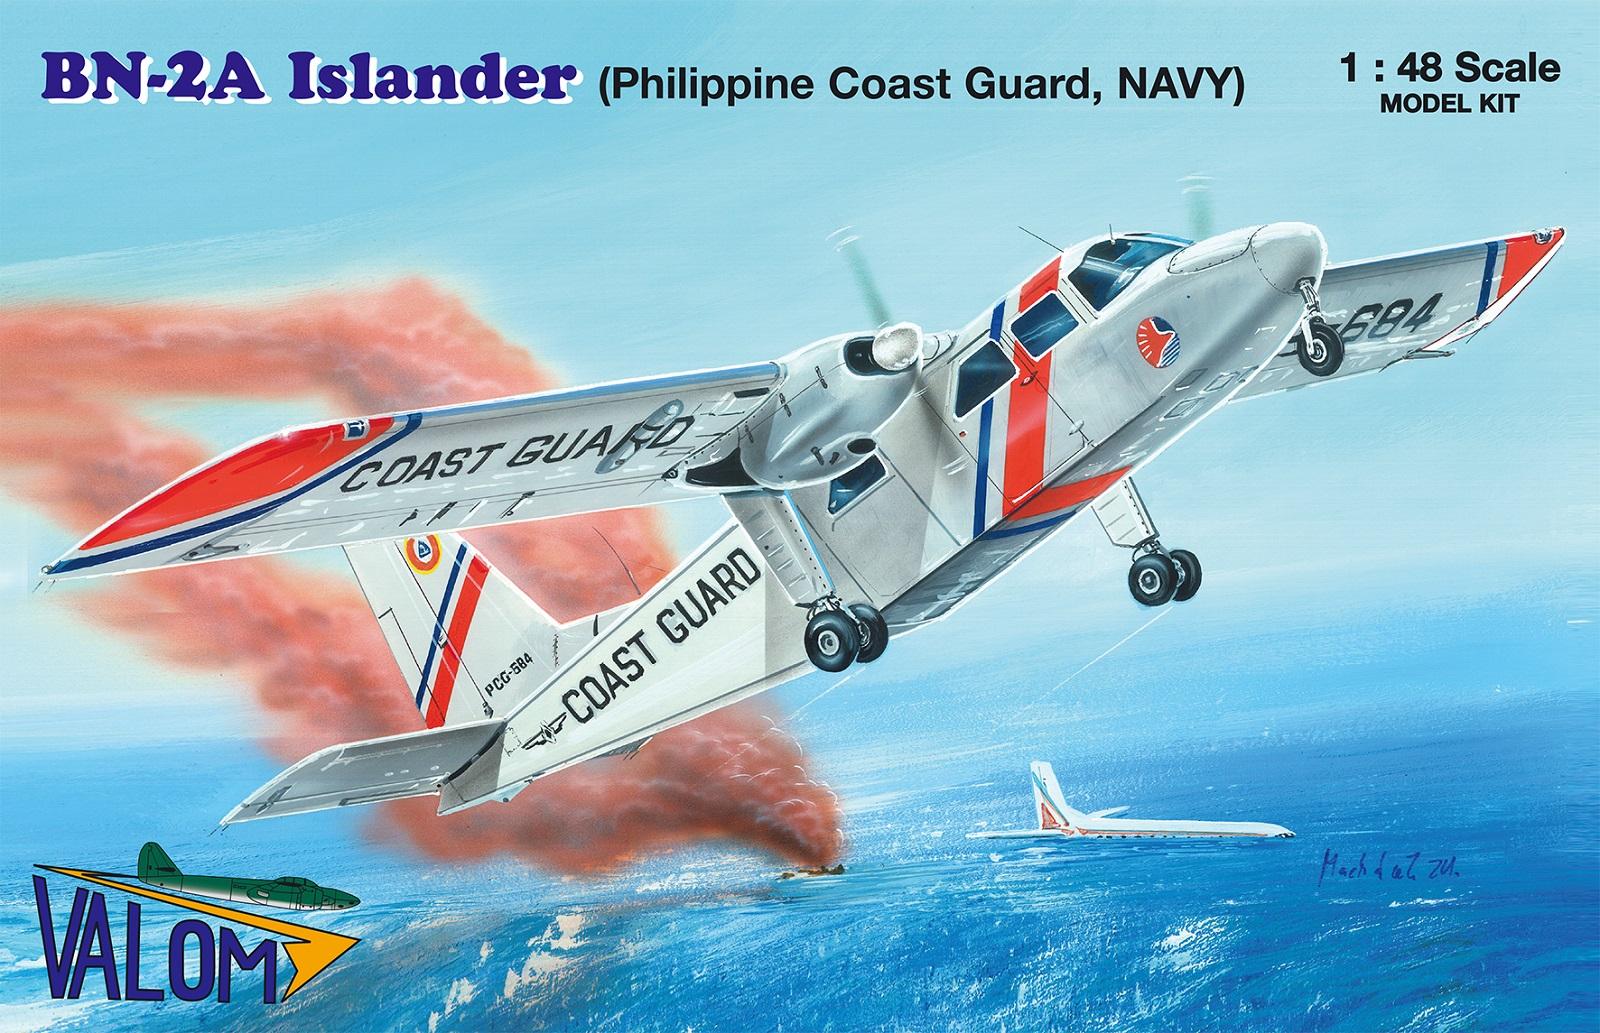 Valom Britten-Norman BN-2A Islander (Philippine CG.NAVY)